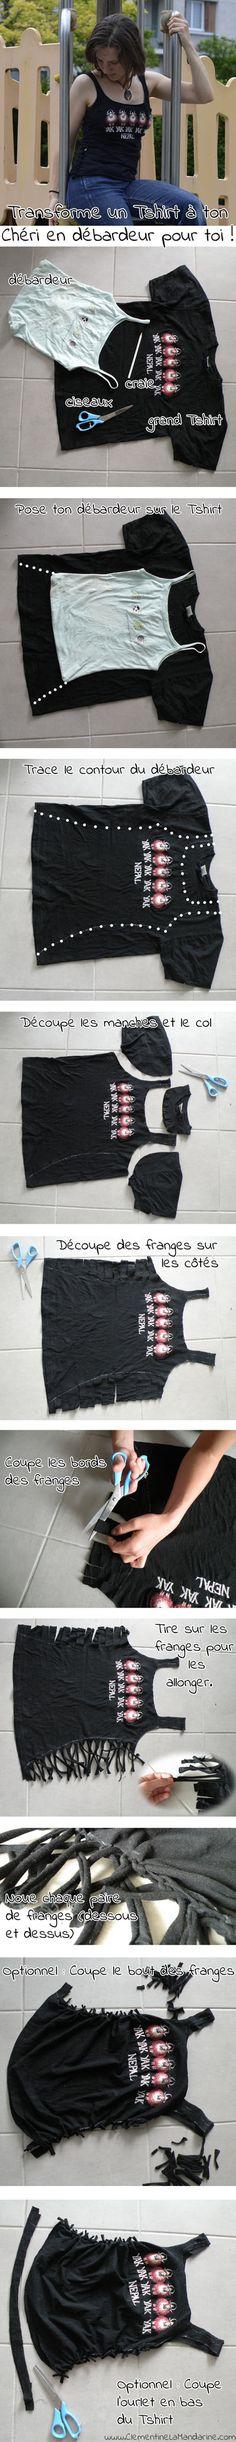 Transforme un Tshirt que ton chéri ne porte pas en débardeur pour toi ! Tutoriel sans couture. Toutes les explications en détail sur le site. http://clementinelamandarine.com/cet-ete-porte-le-plus-beau-tshirt-de-ton-cheri/